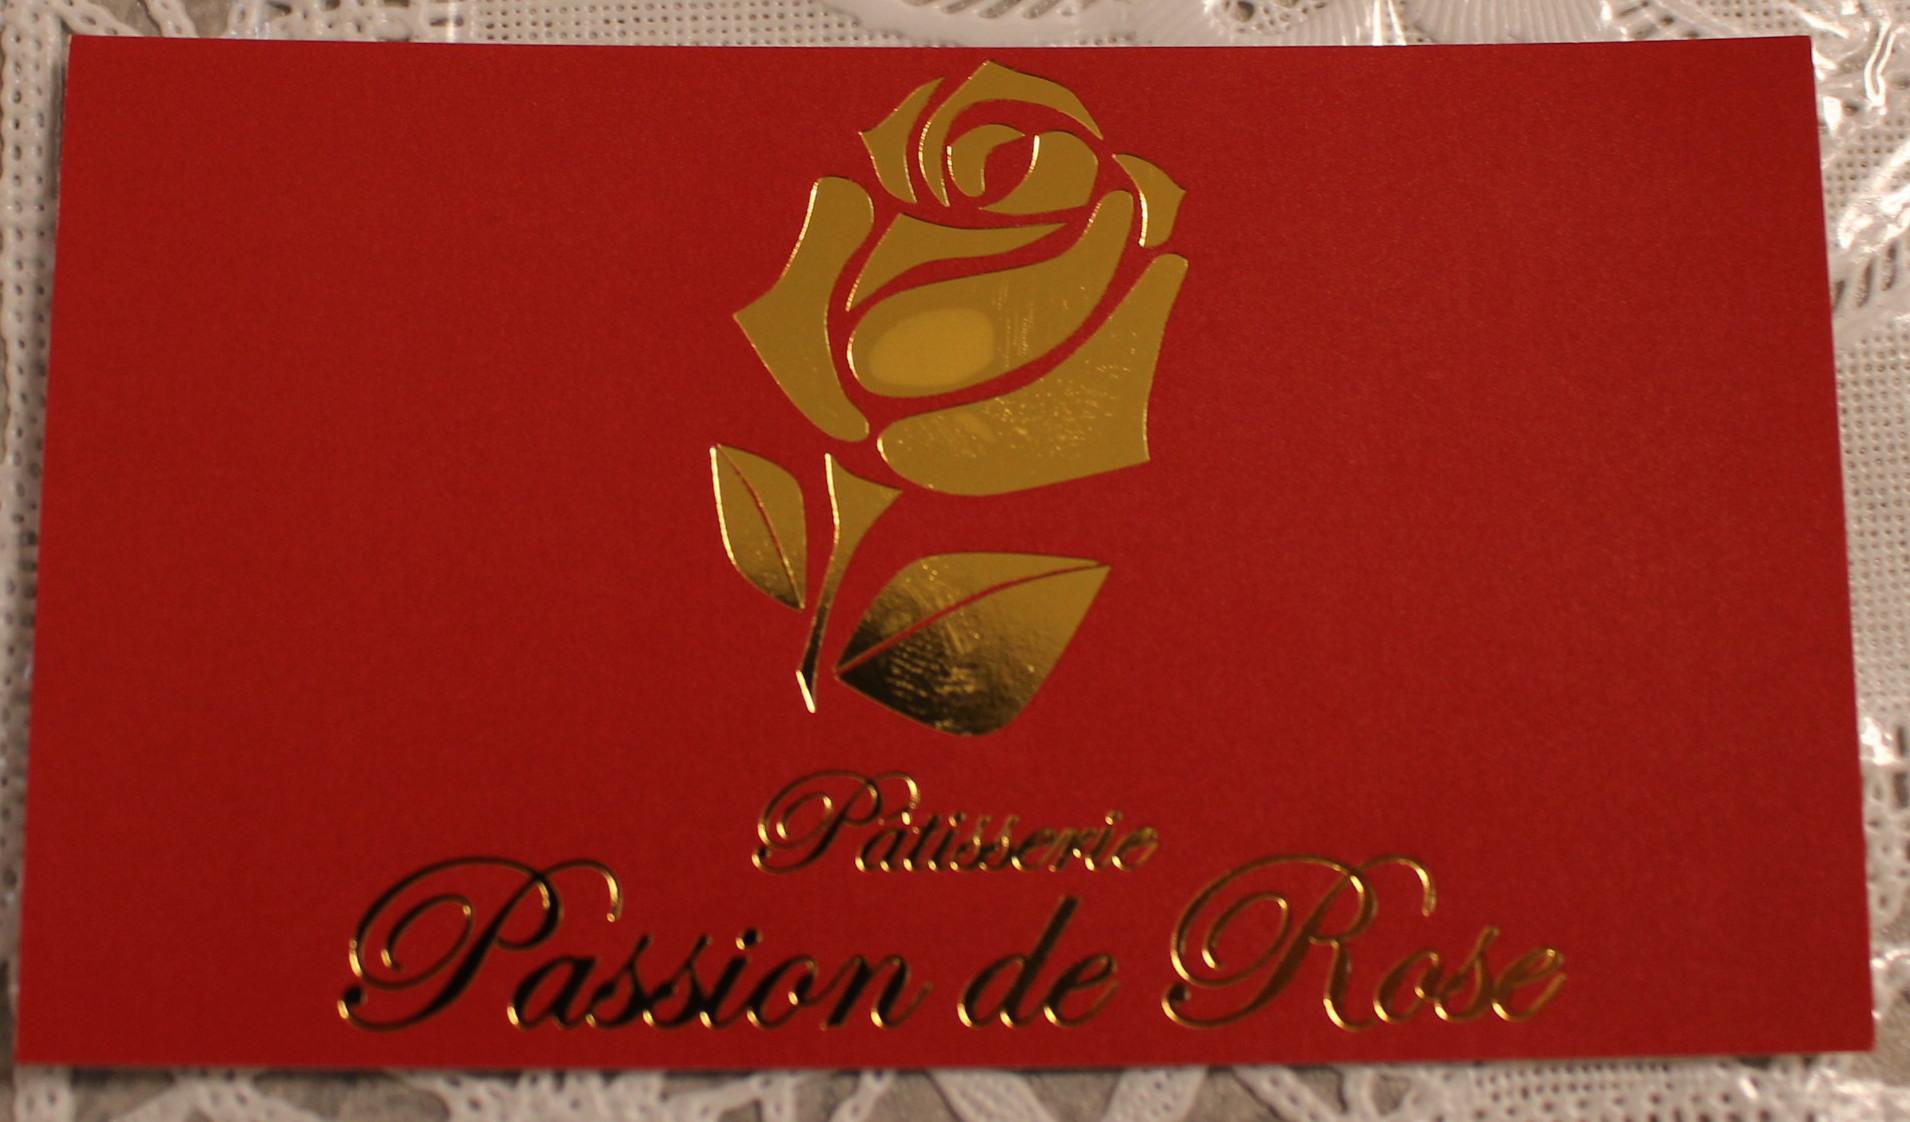 Passion de Rose